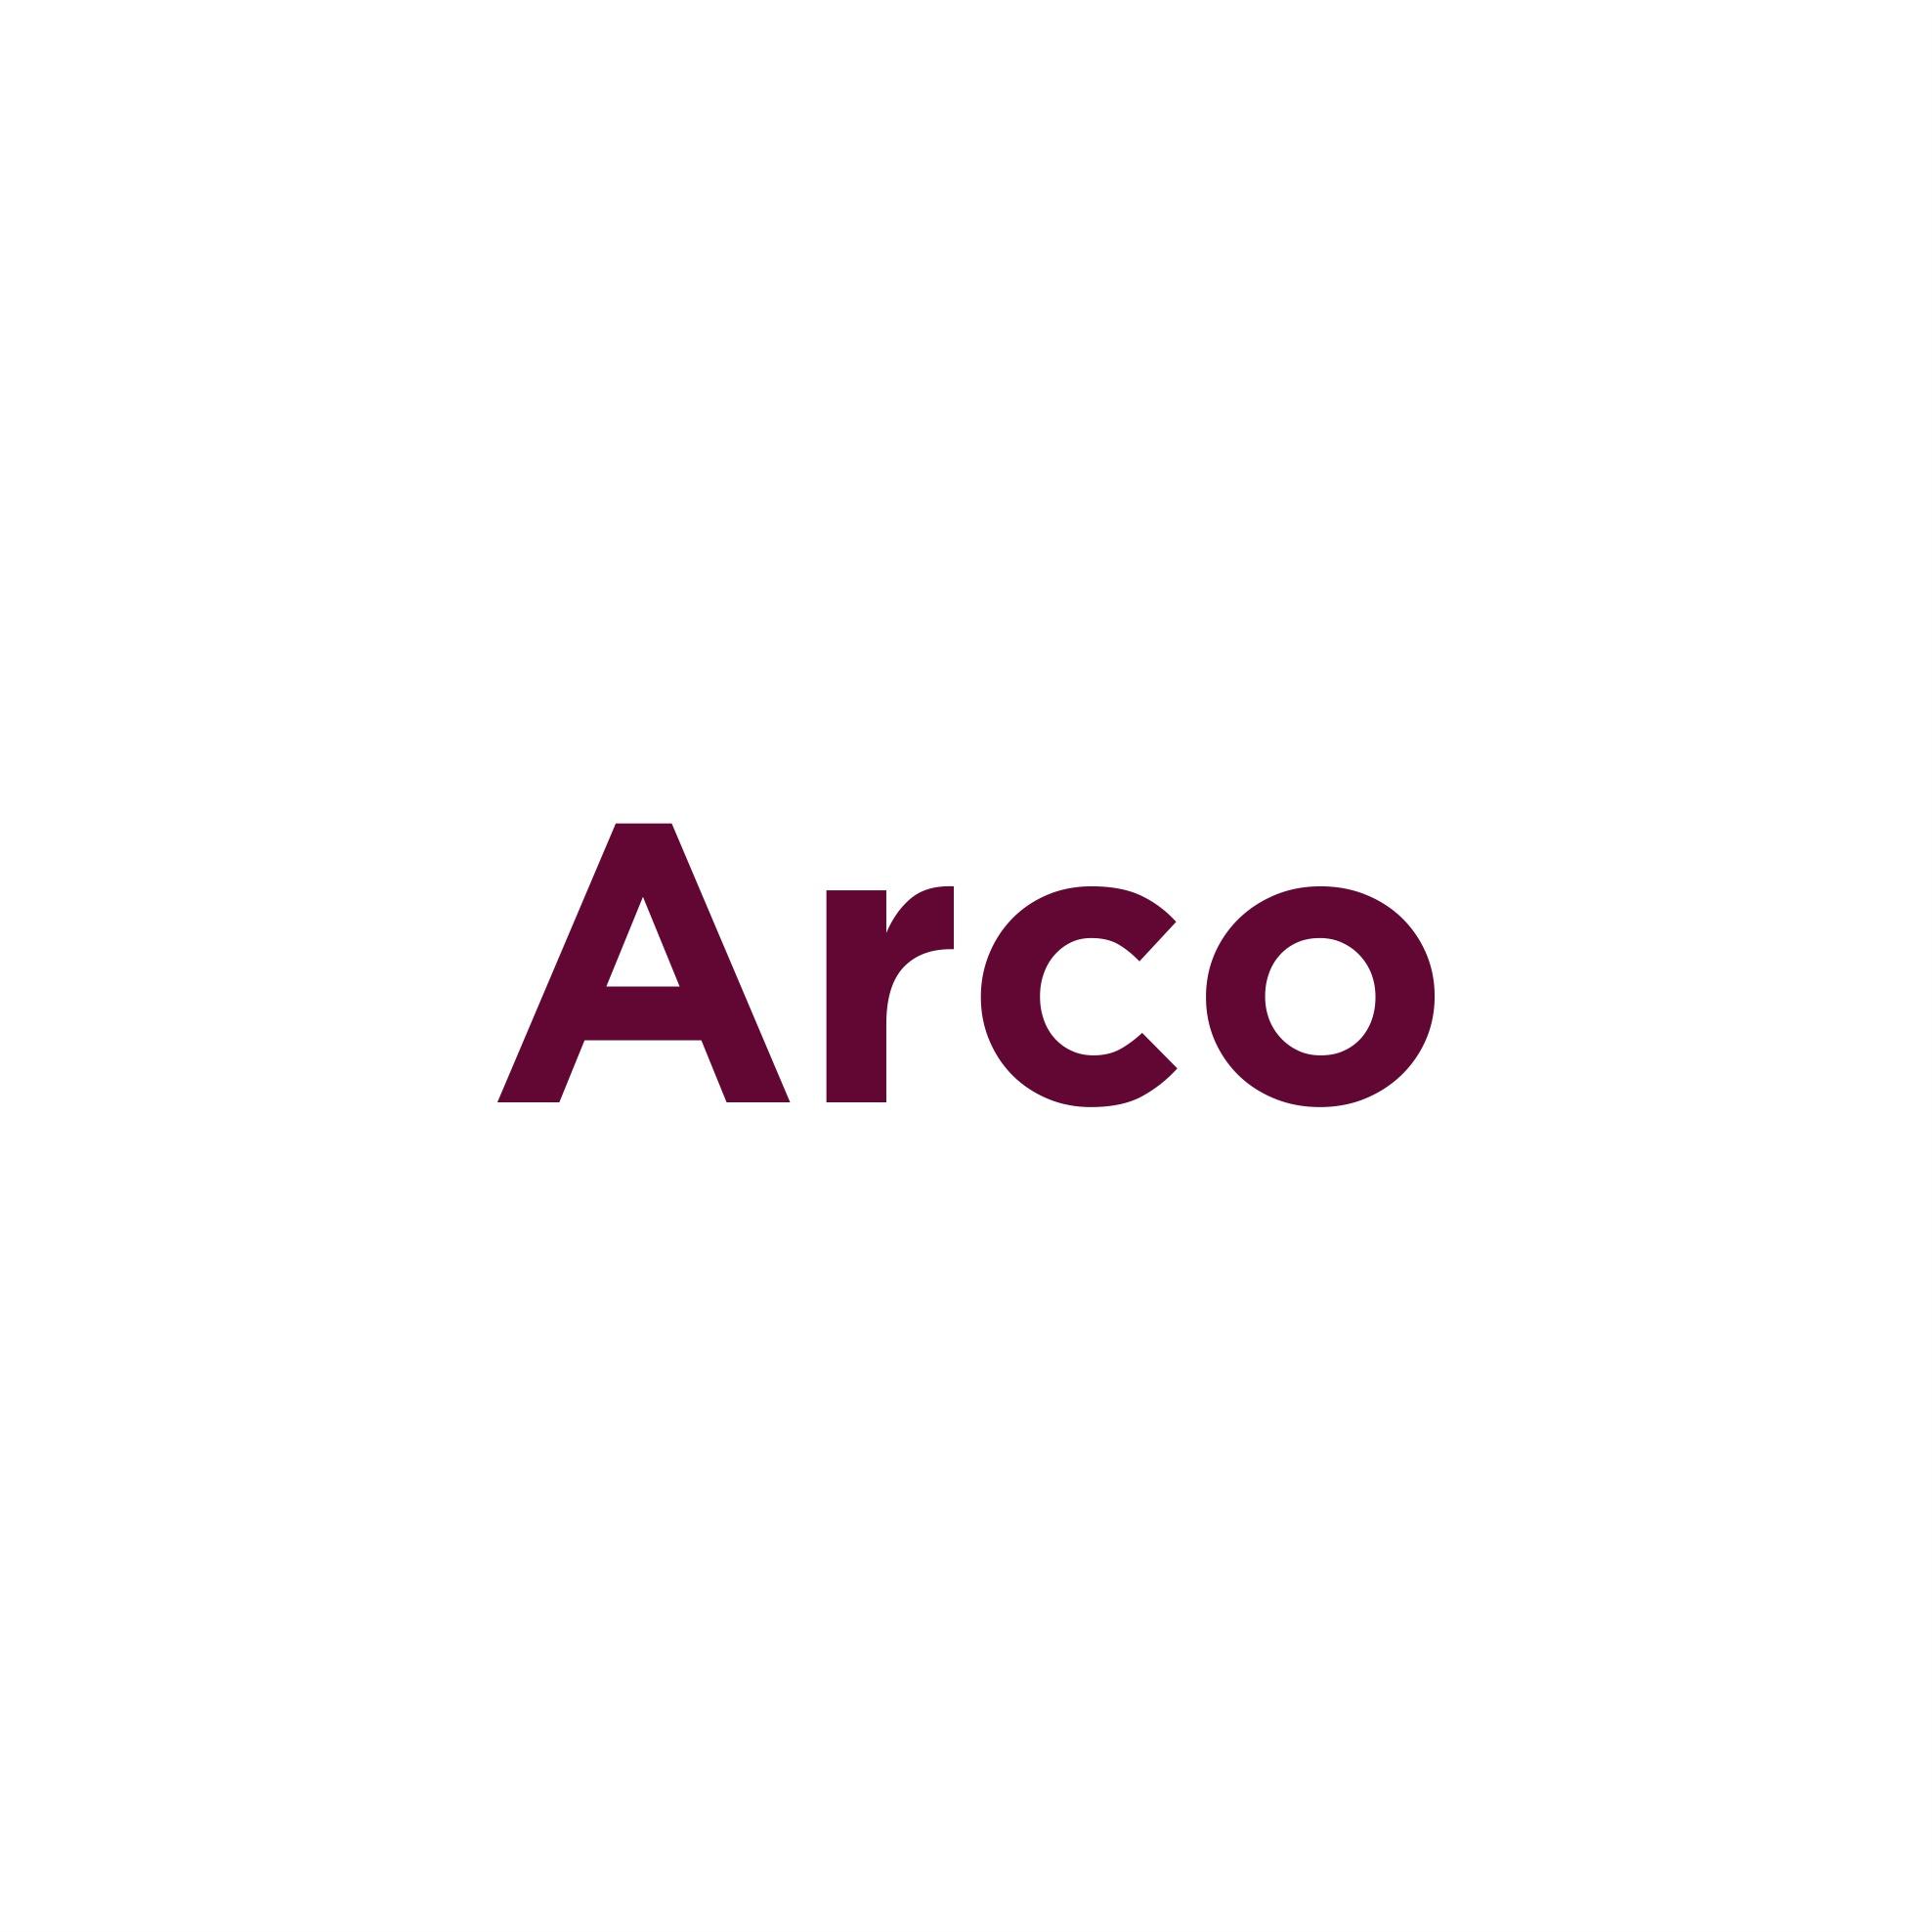 https://secureservercdn.net/45.40.150.47/08r.a40.myftpupload.com/wp-content/uploads/2020/02/Arco_1.jpg